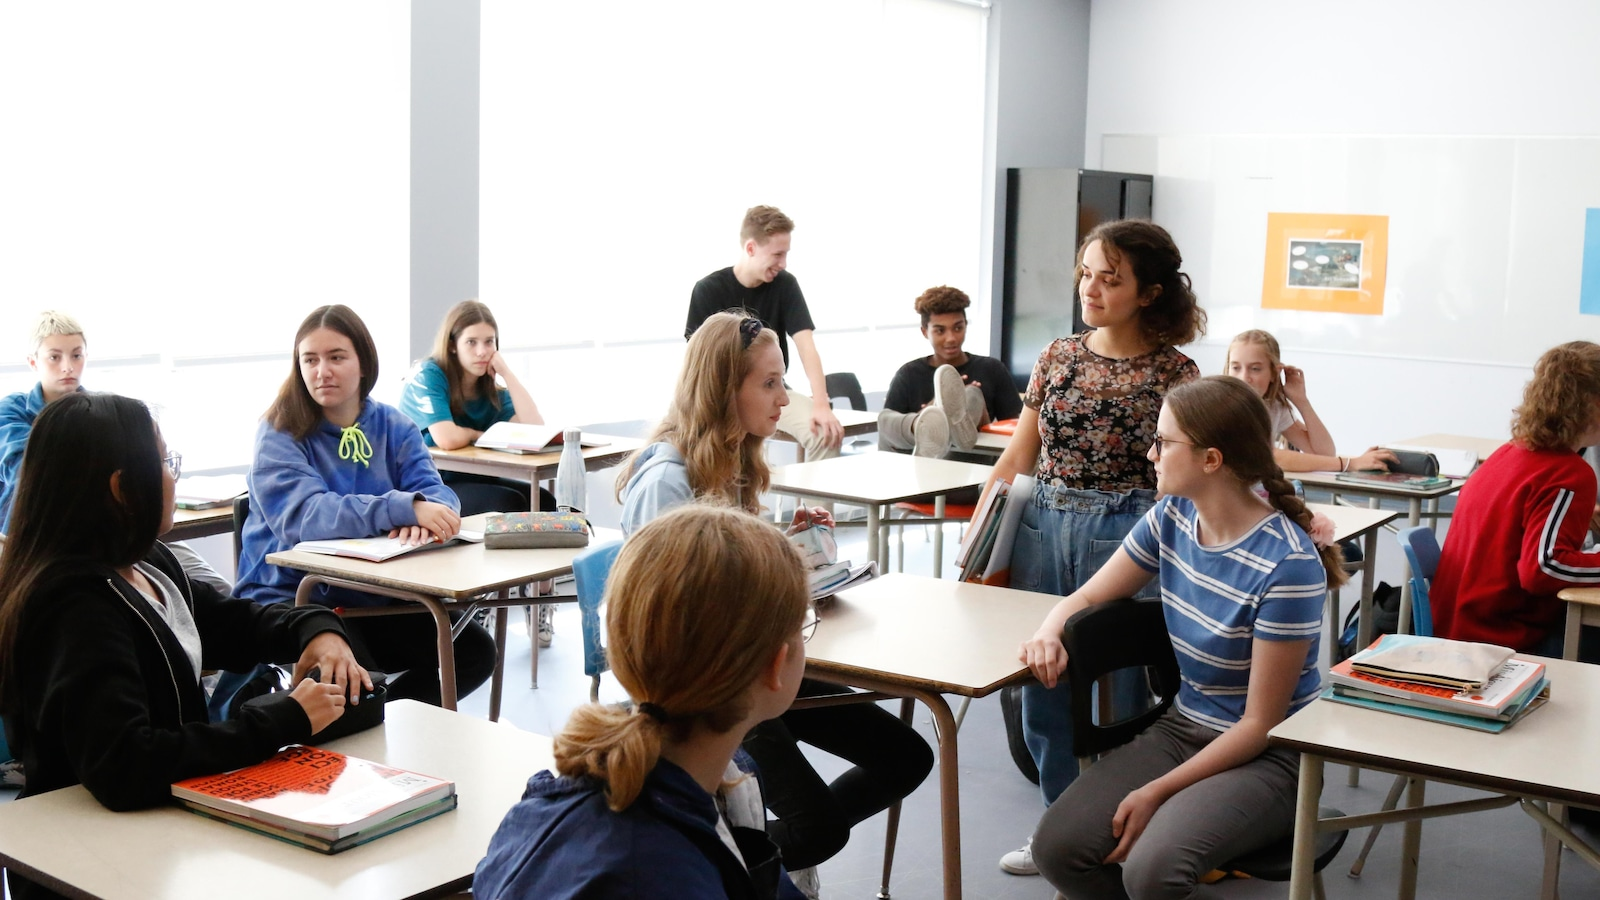 Les élèves discutent, Katya est debout